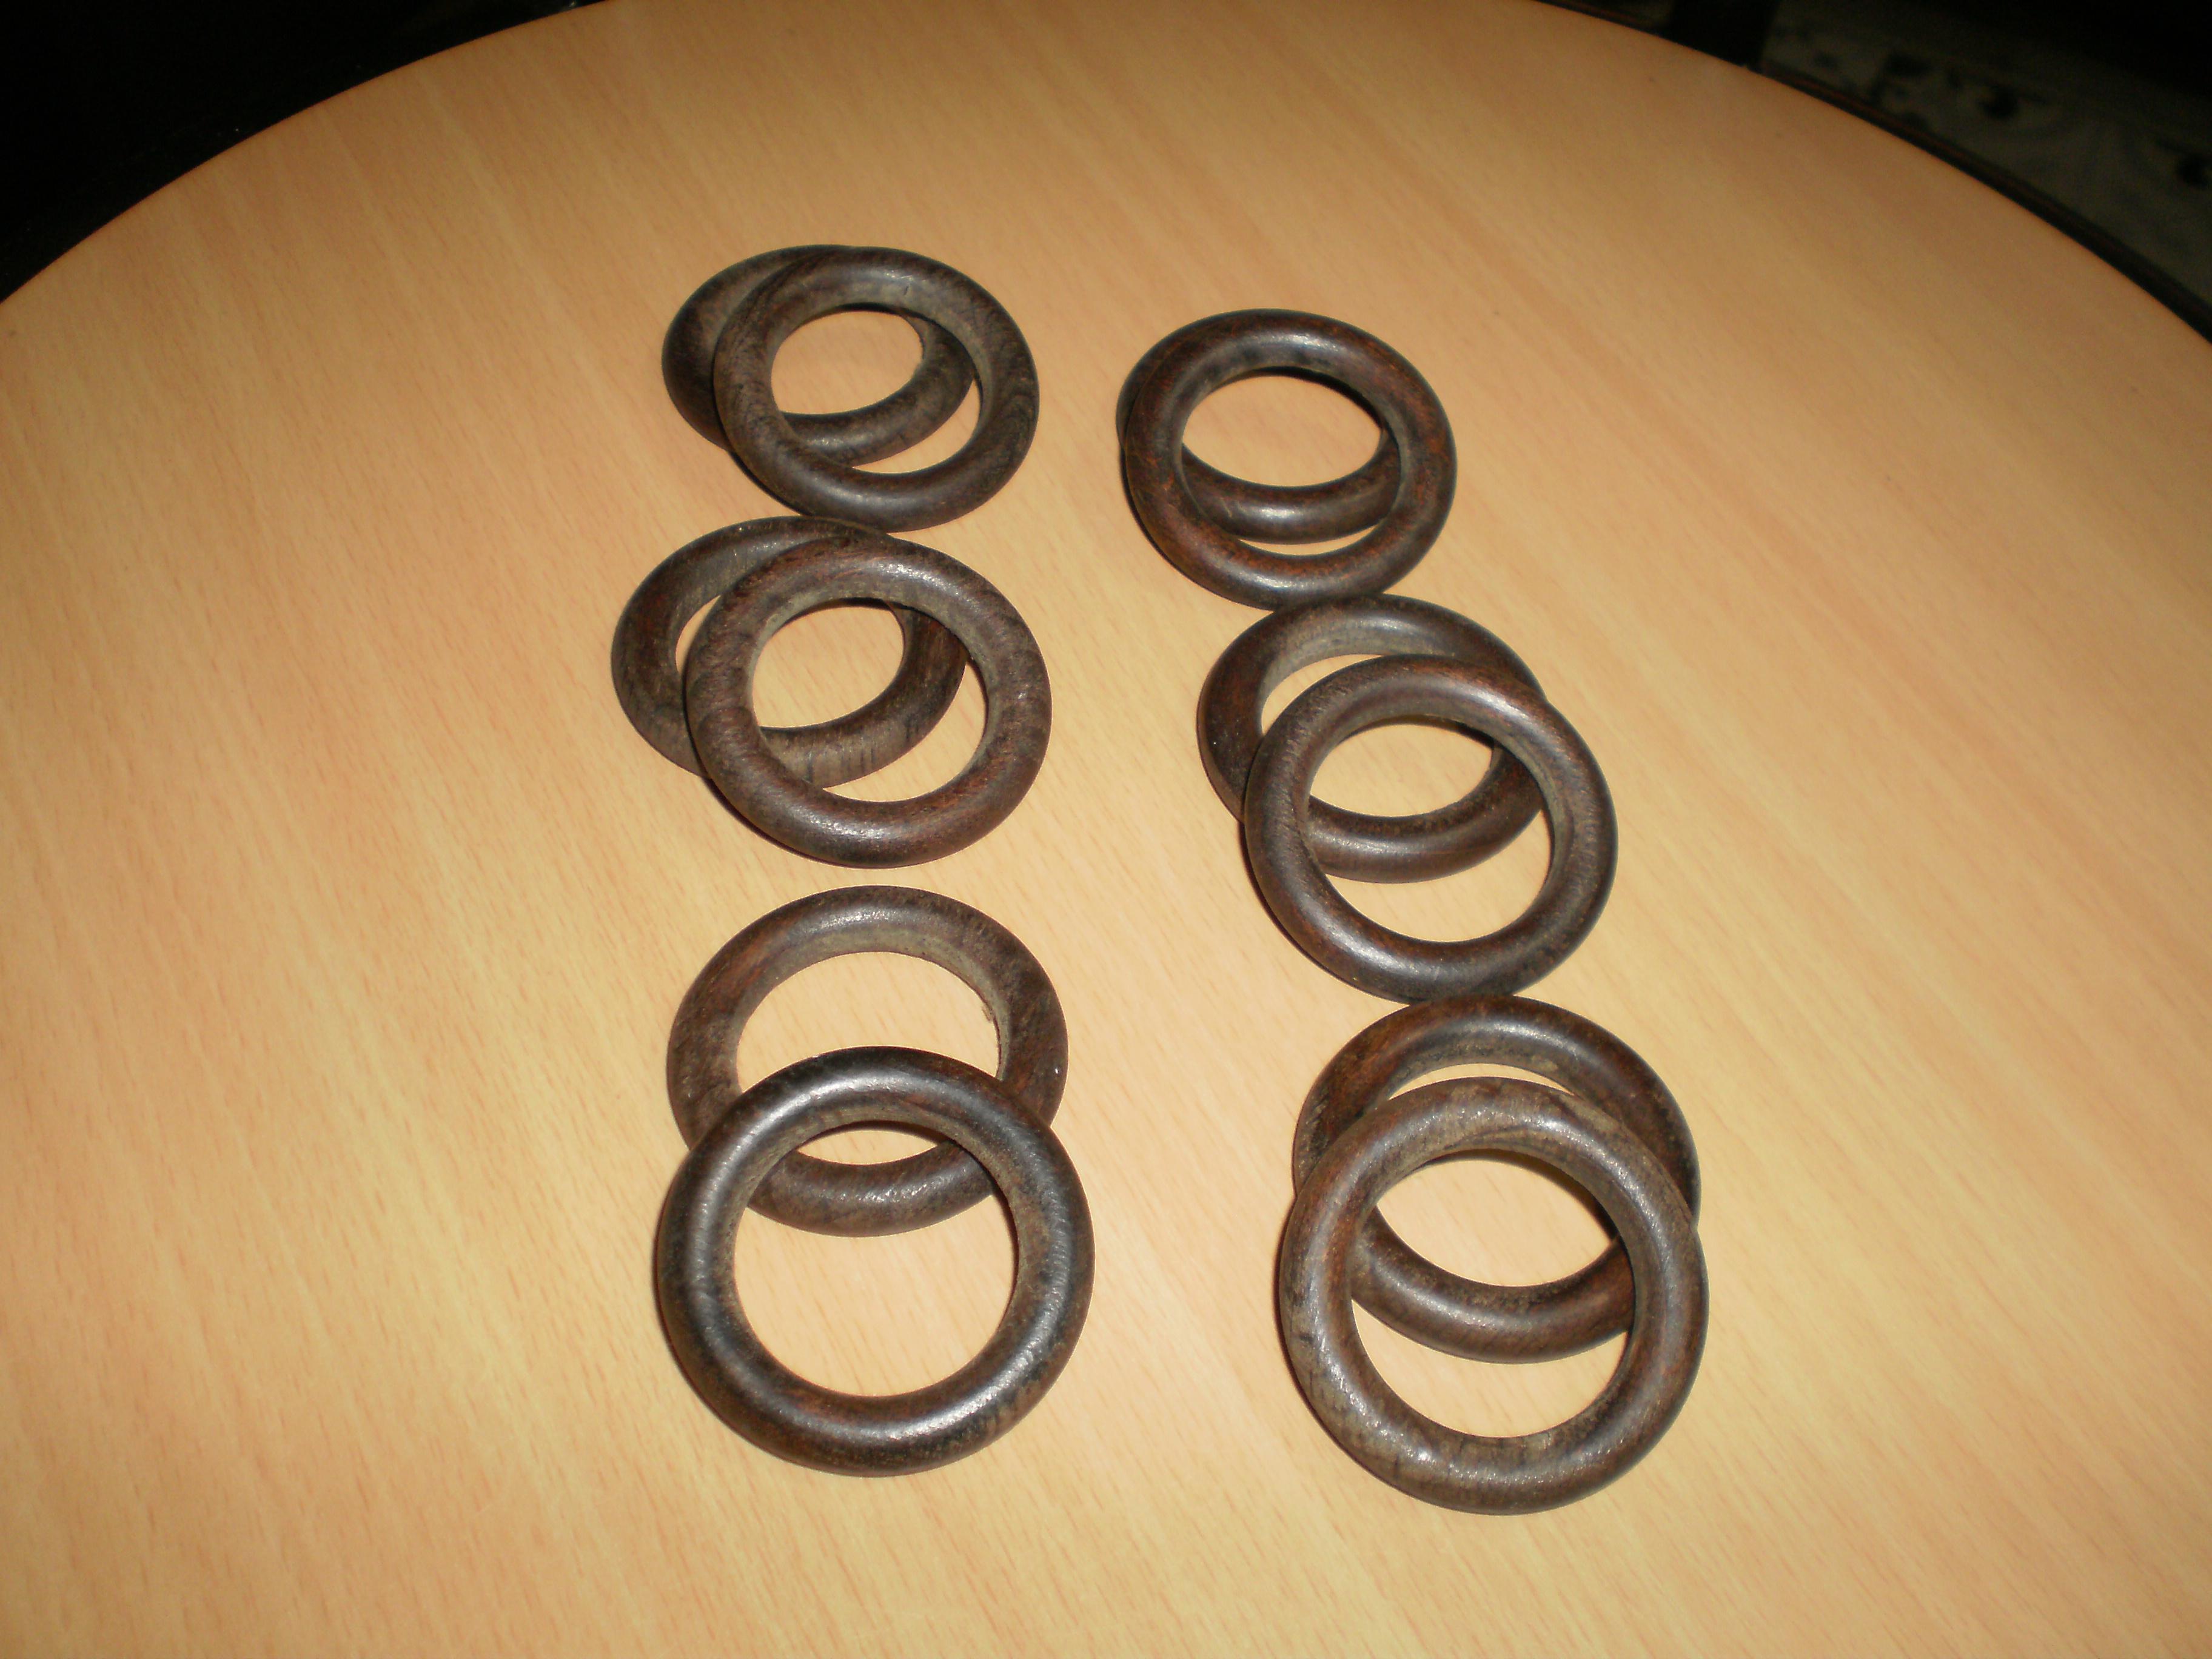 troc de troc 2 éme lot de 12 anneaux bois image 0